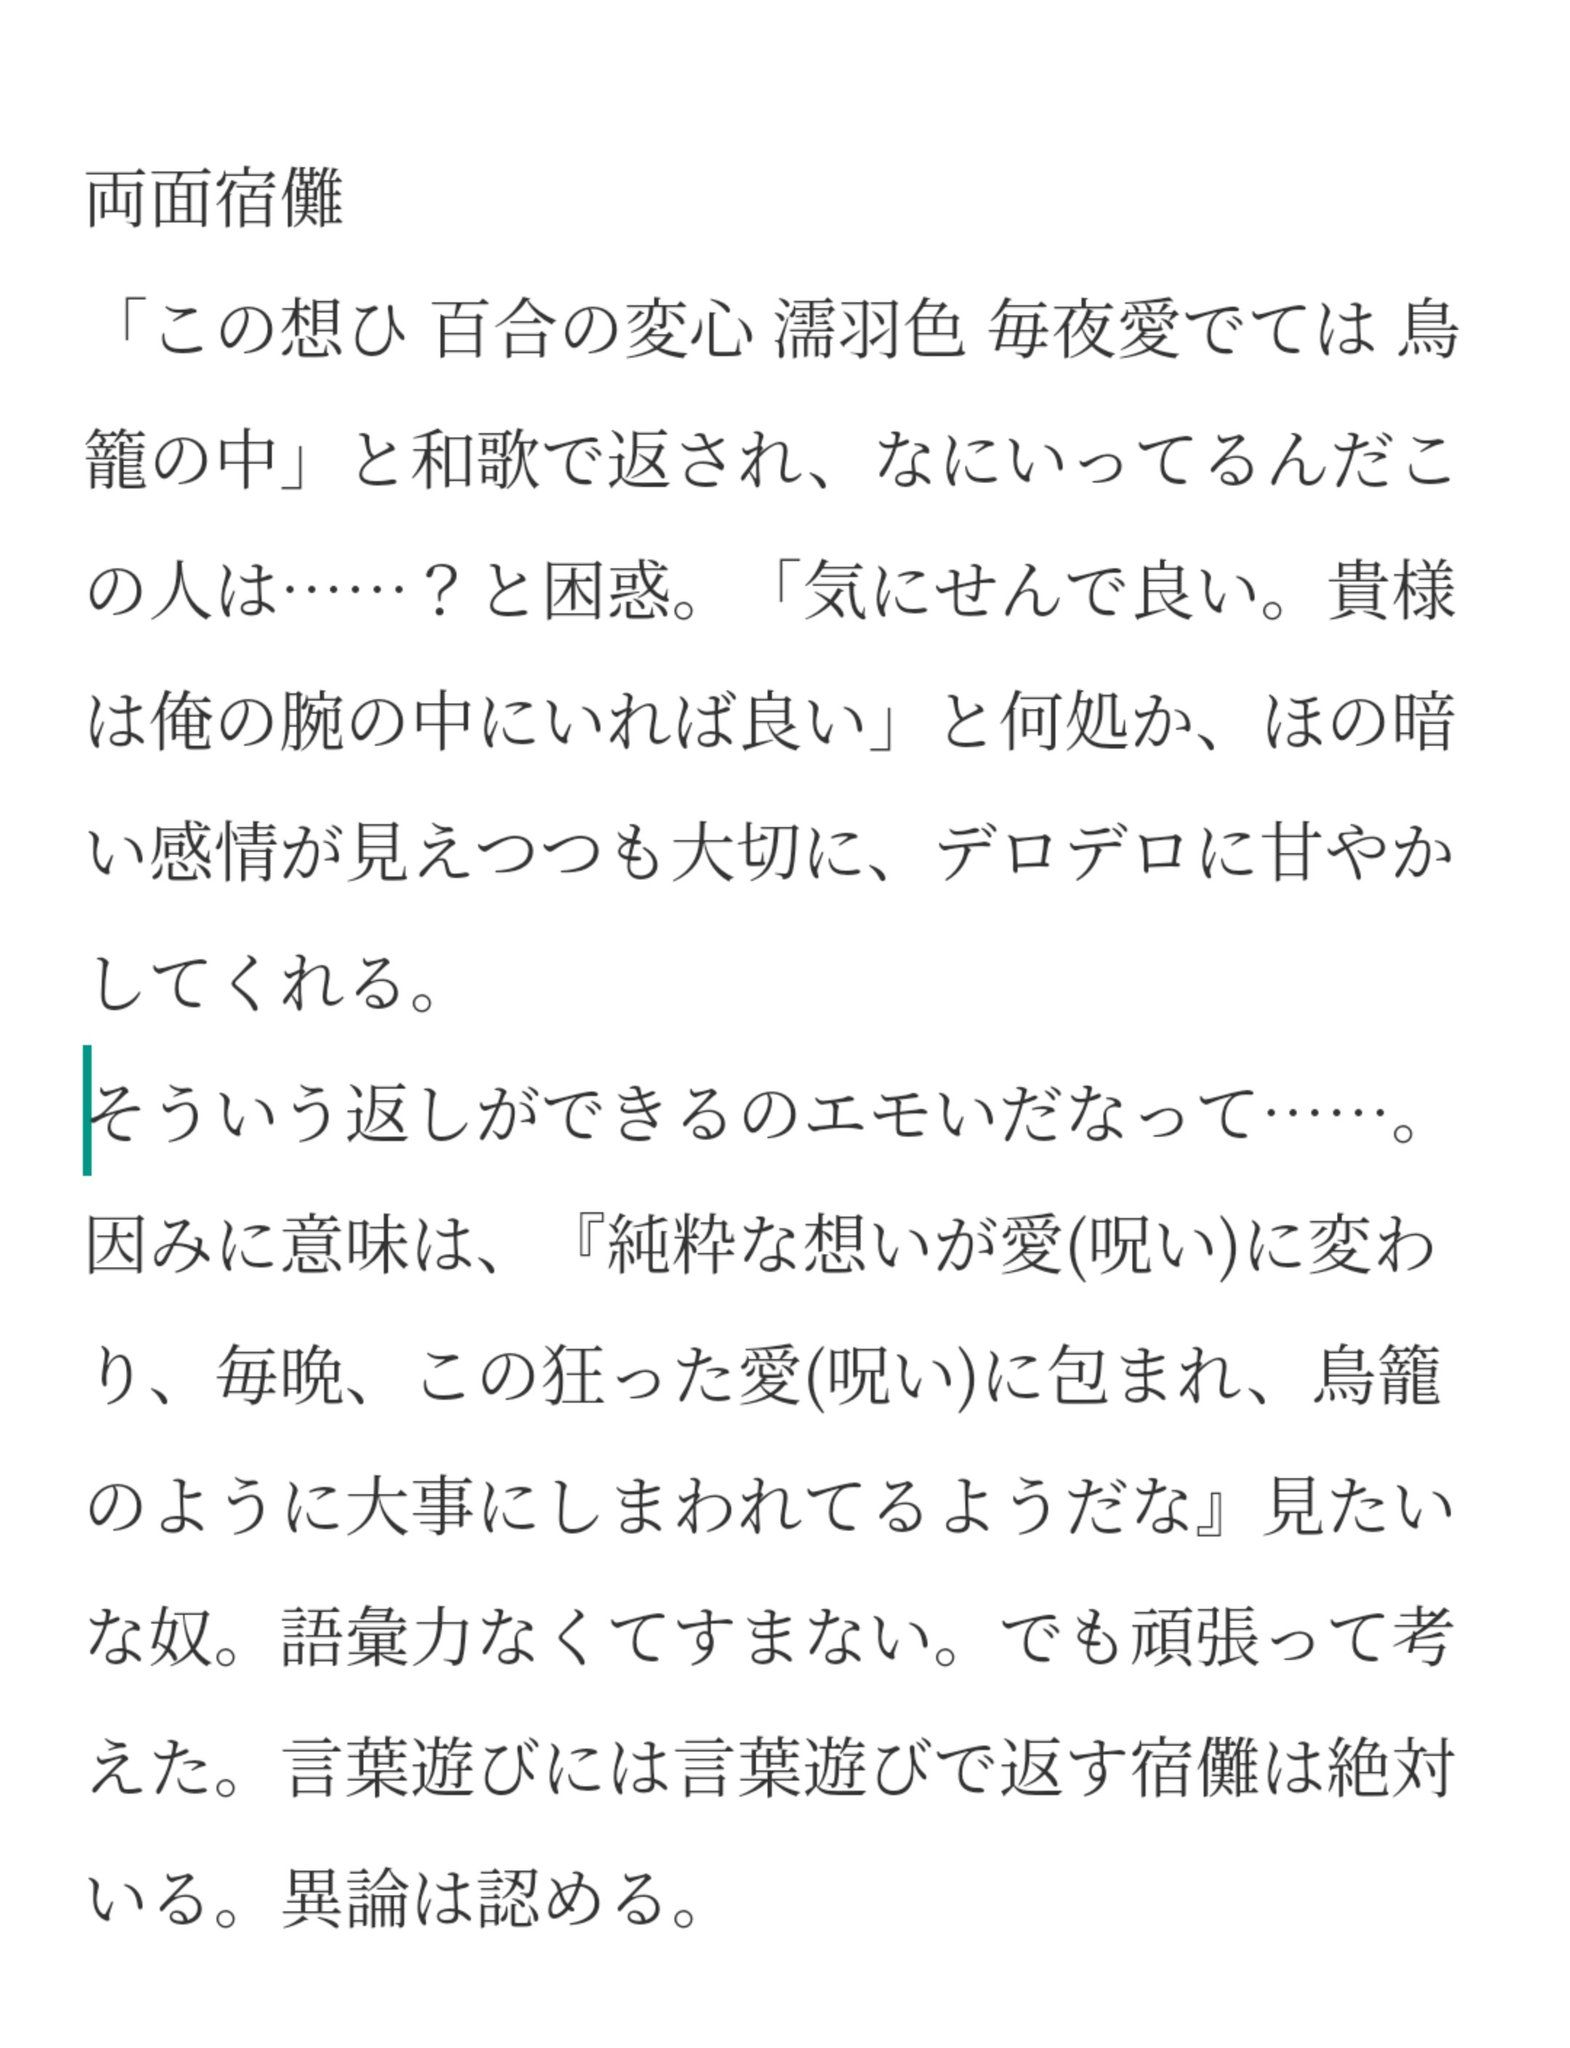 小説 夢 伏黒 恵 宿伏 (すくふし)とは【ピクシブ百科事典】